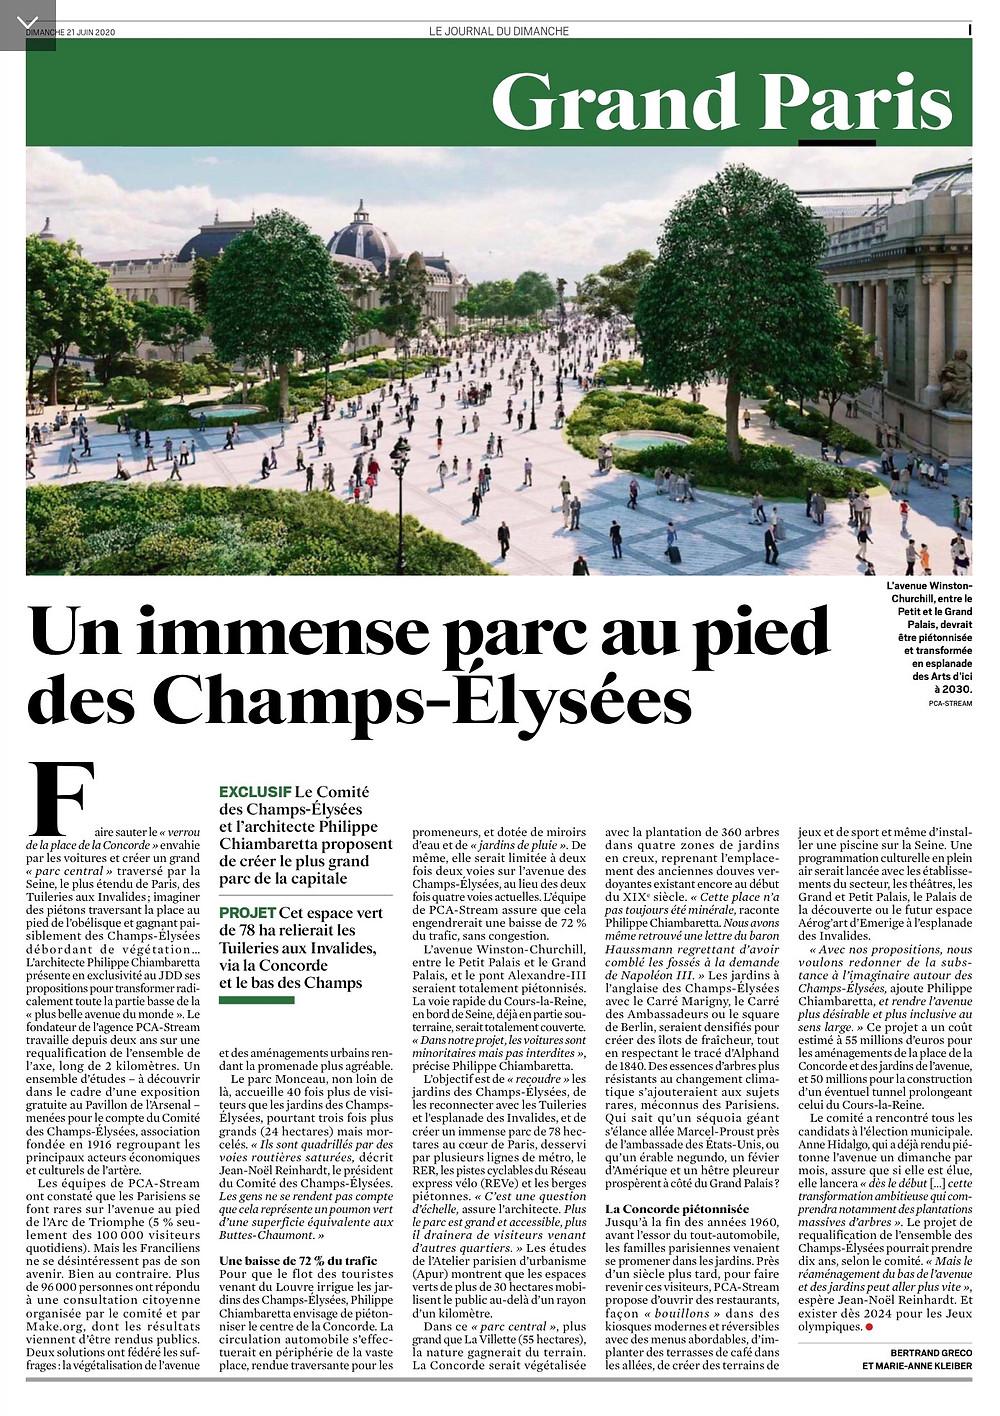 """Bertrand GRECO et Marie-Anne KLEBER, """"Un immense parc au pied des Champs-Elysées"""", Le Journal du Dimanche du 21 juin 2020"""